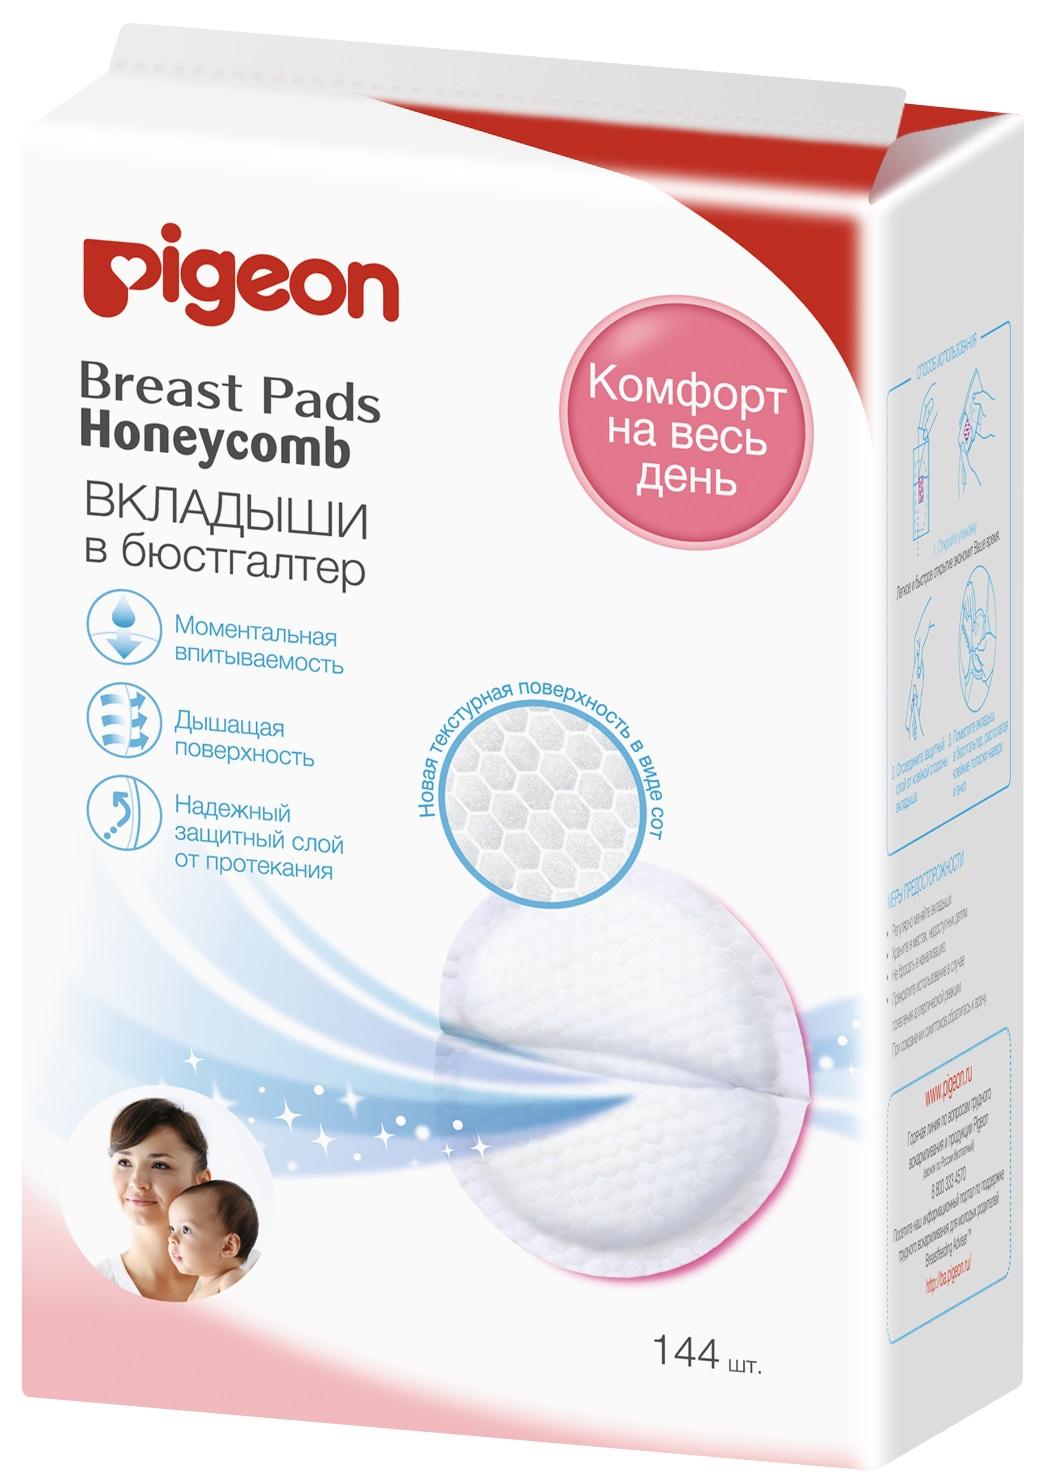 Прокладки для груди Pigeon Honeycomb одноразовые вкладыши в бюстгальтер 36 шт pigeon для кормящих мам